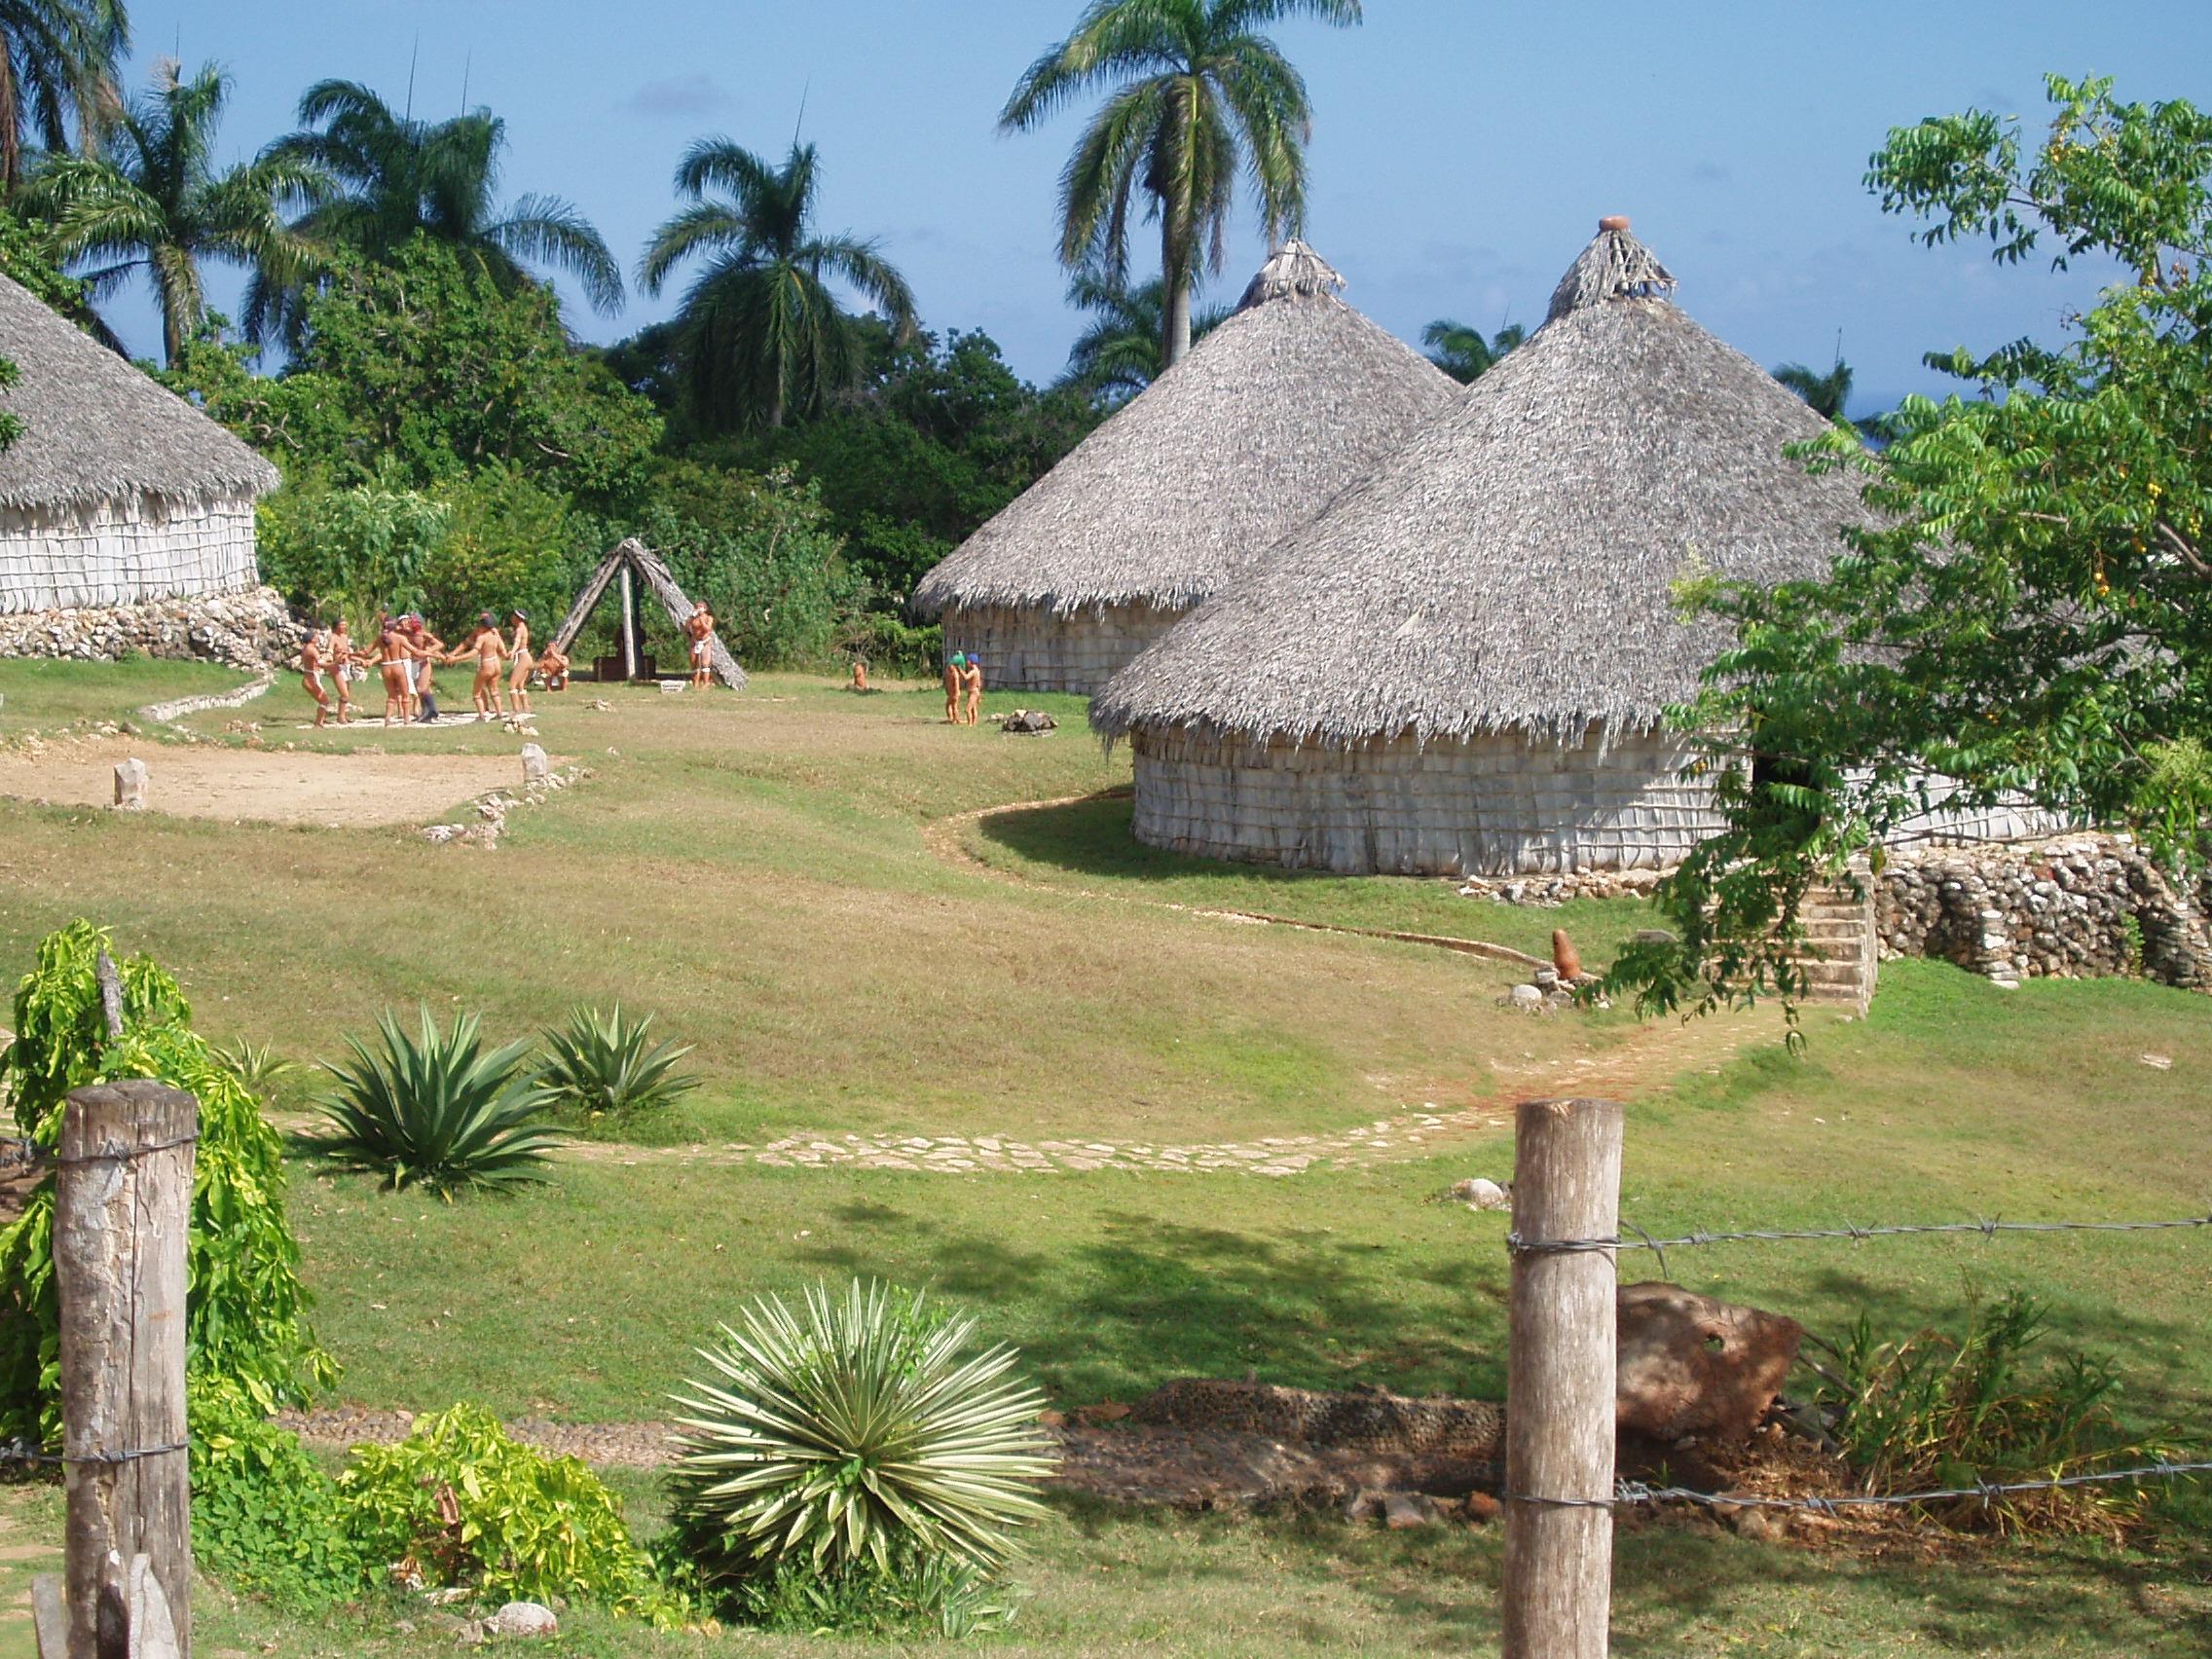 Западной африке острова карибского бассейна вуду попала вместе неграми племён